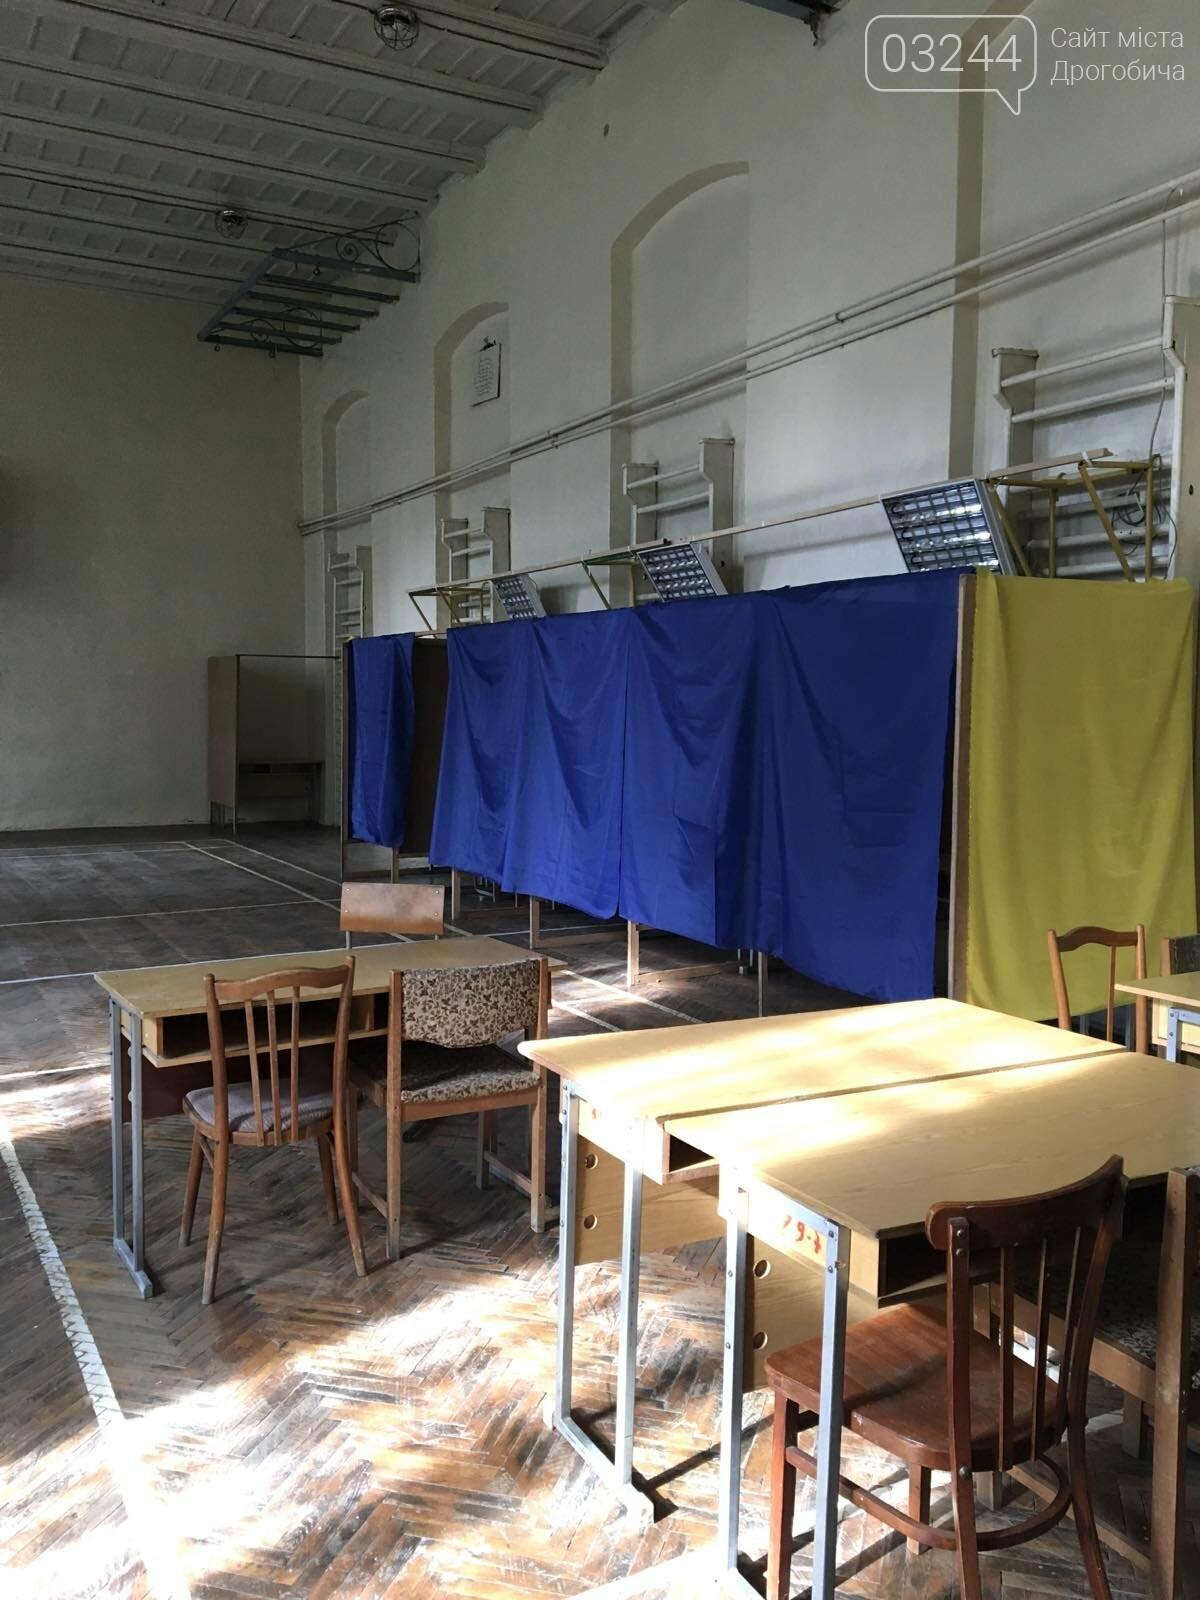 До виборів готові: на дільницях Дрогобича встановили кабінки та урни і завезли бюлетені, - ВІДЕО, ФОТО, фото-8